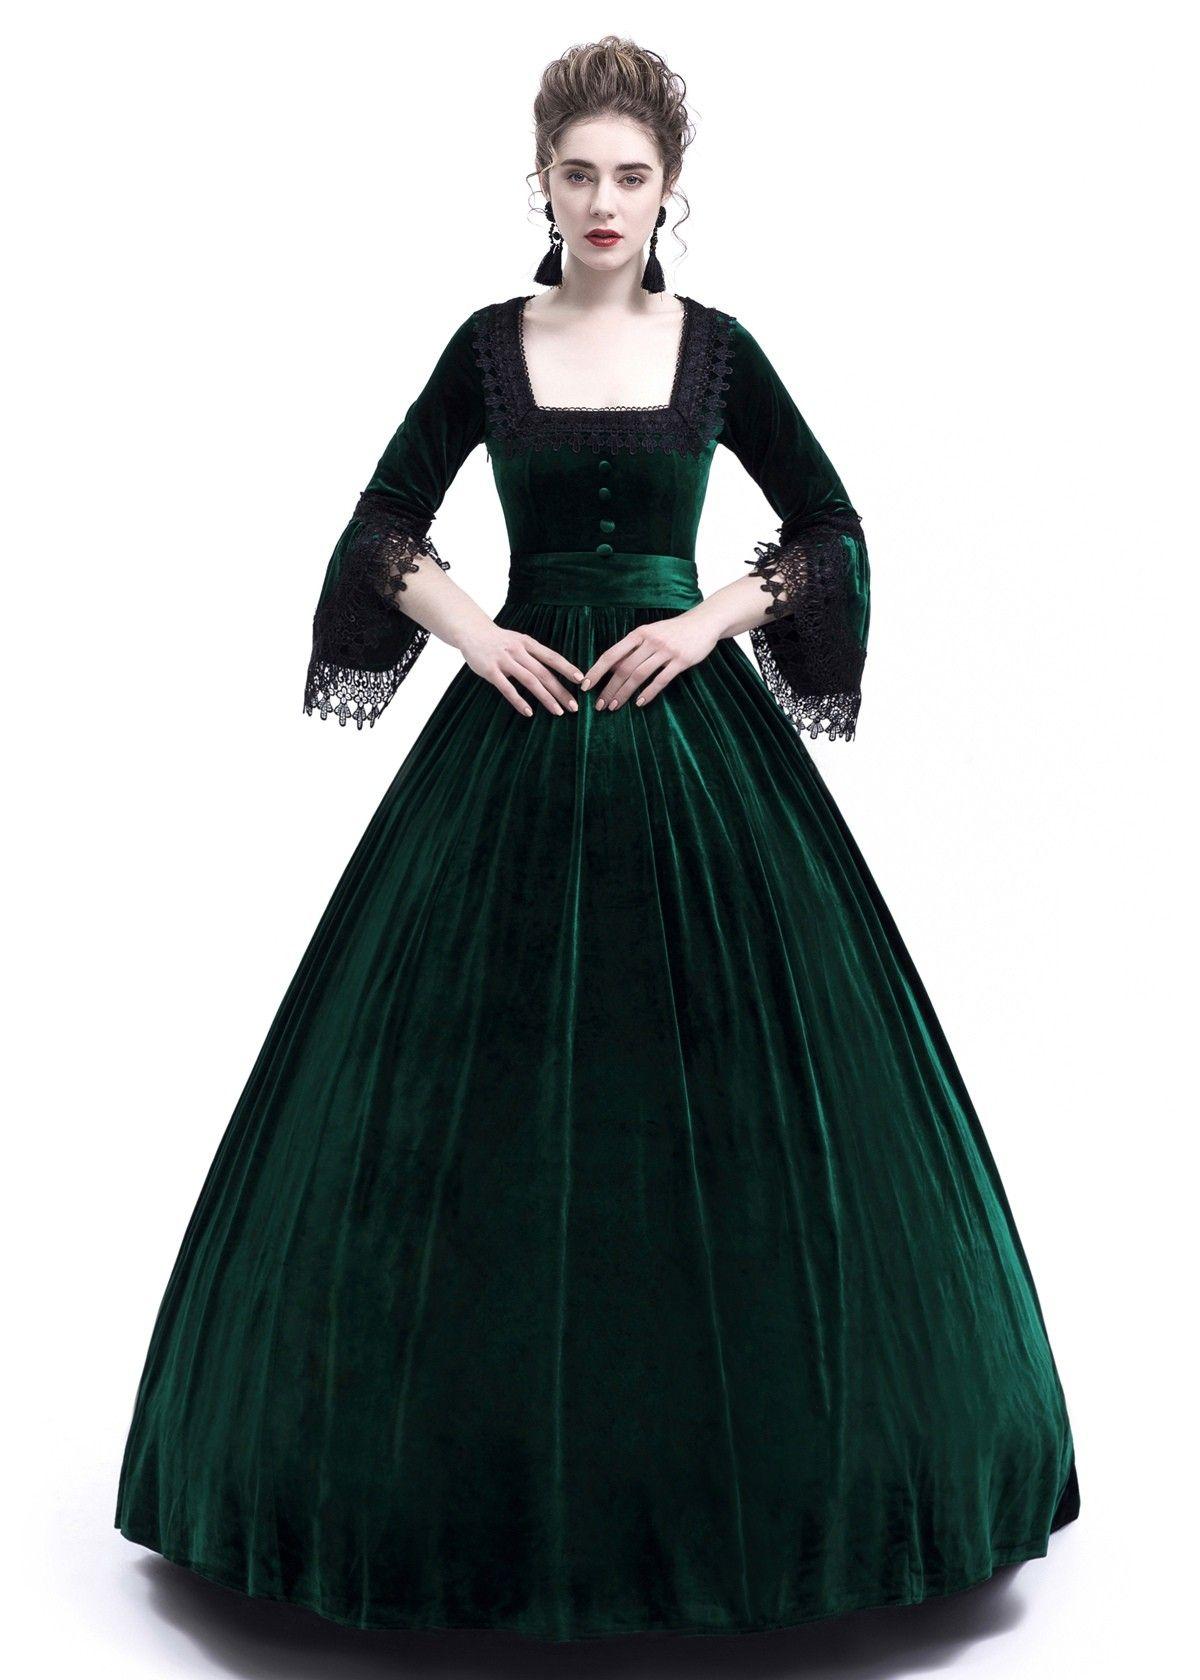 Green Velvet Ball Gown Victorian Gown D3009 D Roseblooming Victorian Gown Ball Dresses Velvet Ball Gown [ 1680 x 1200 Pixel ]